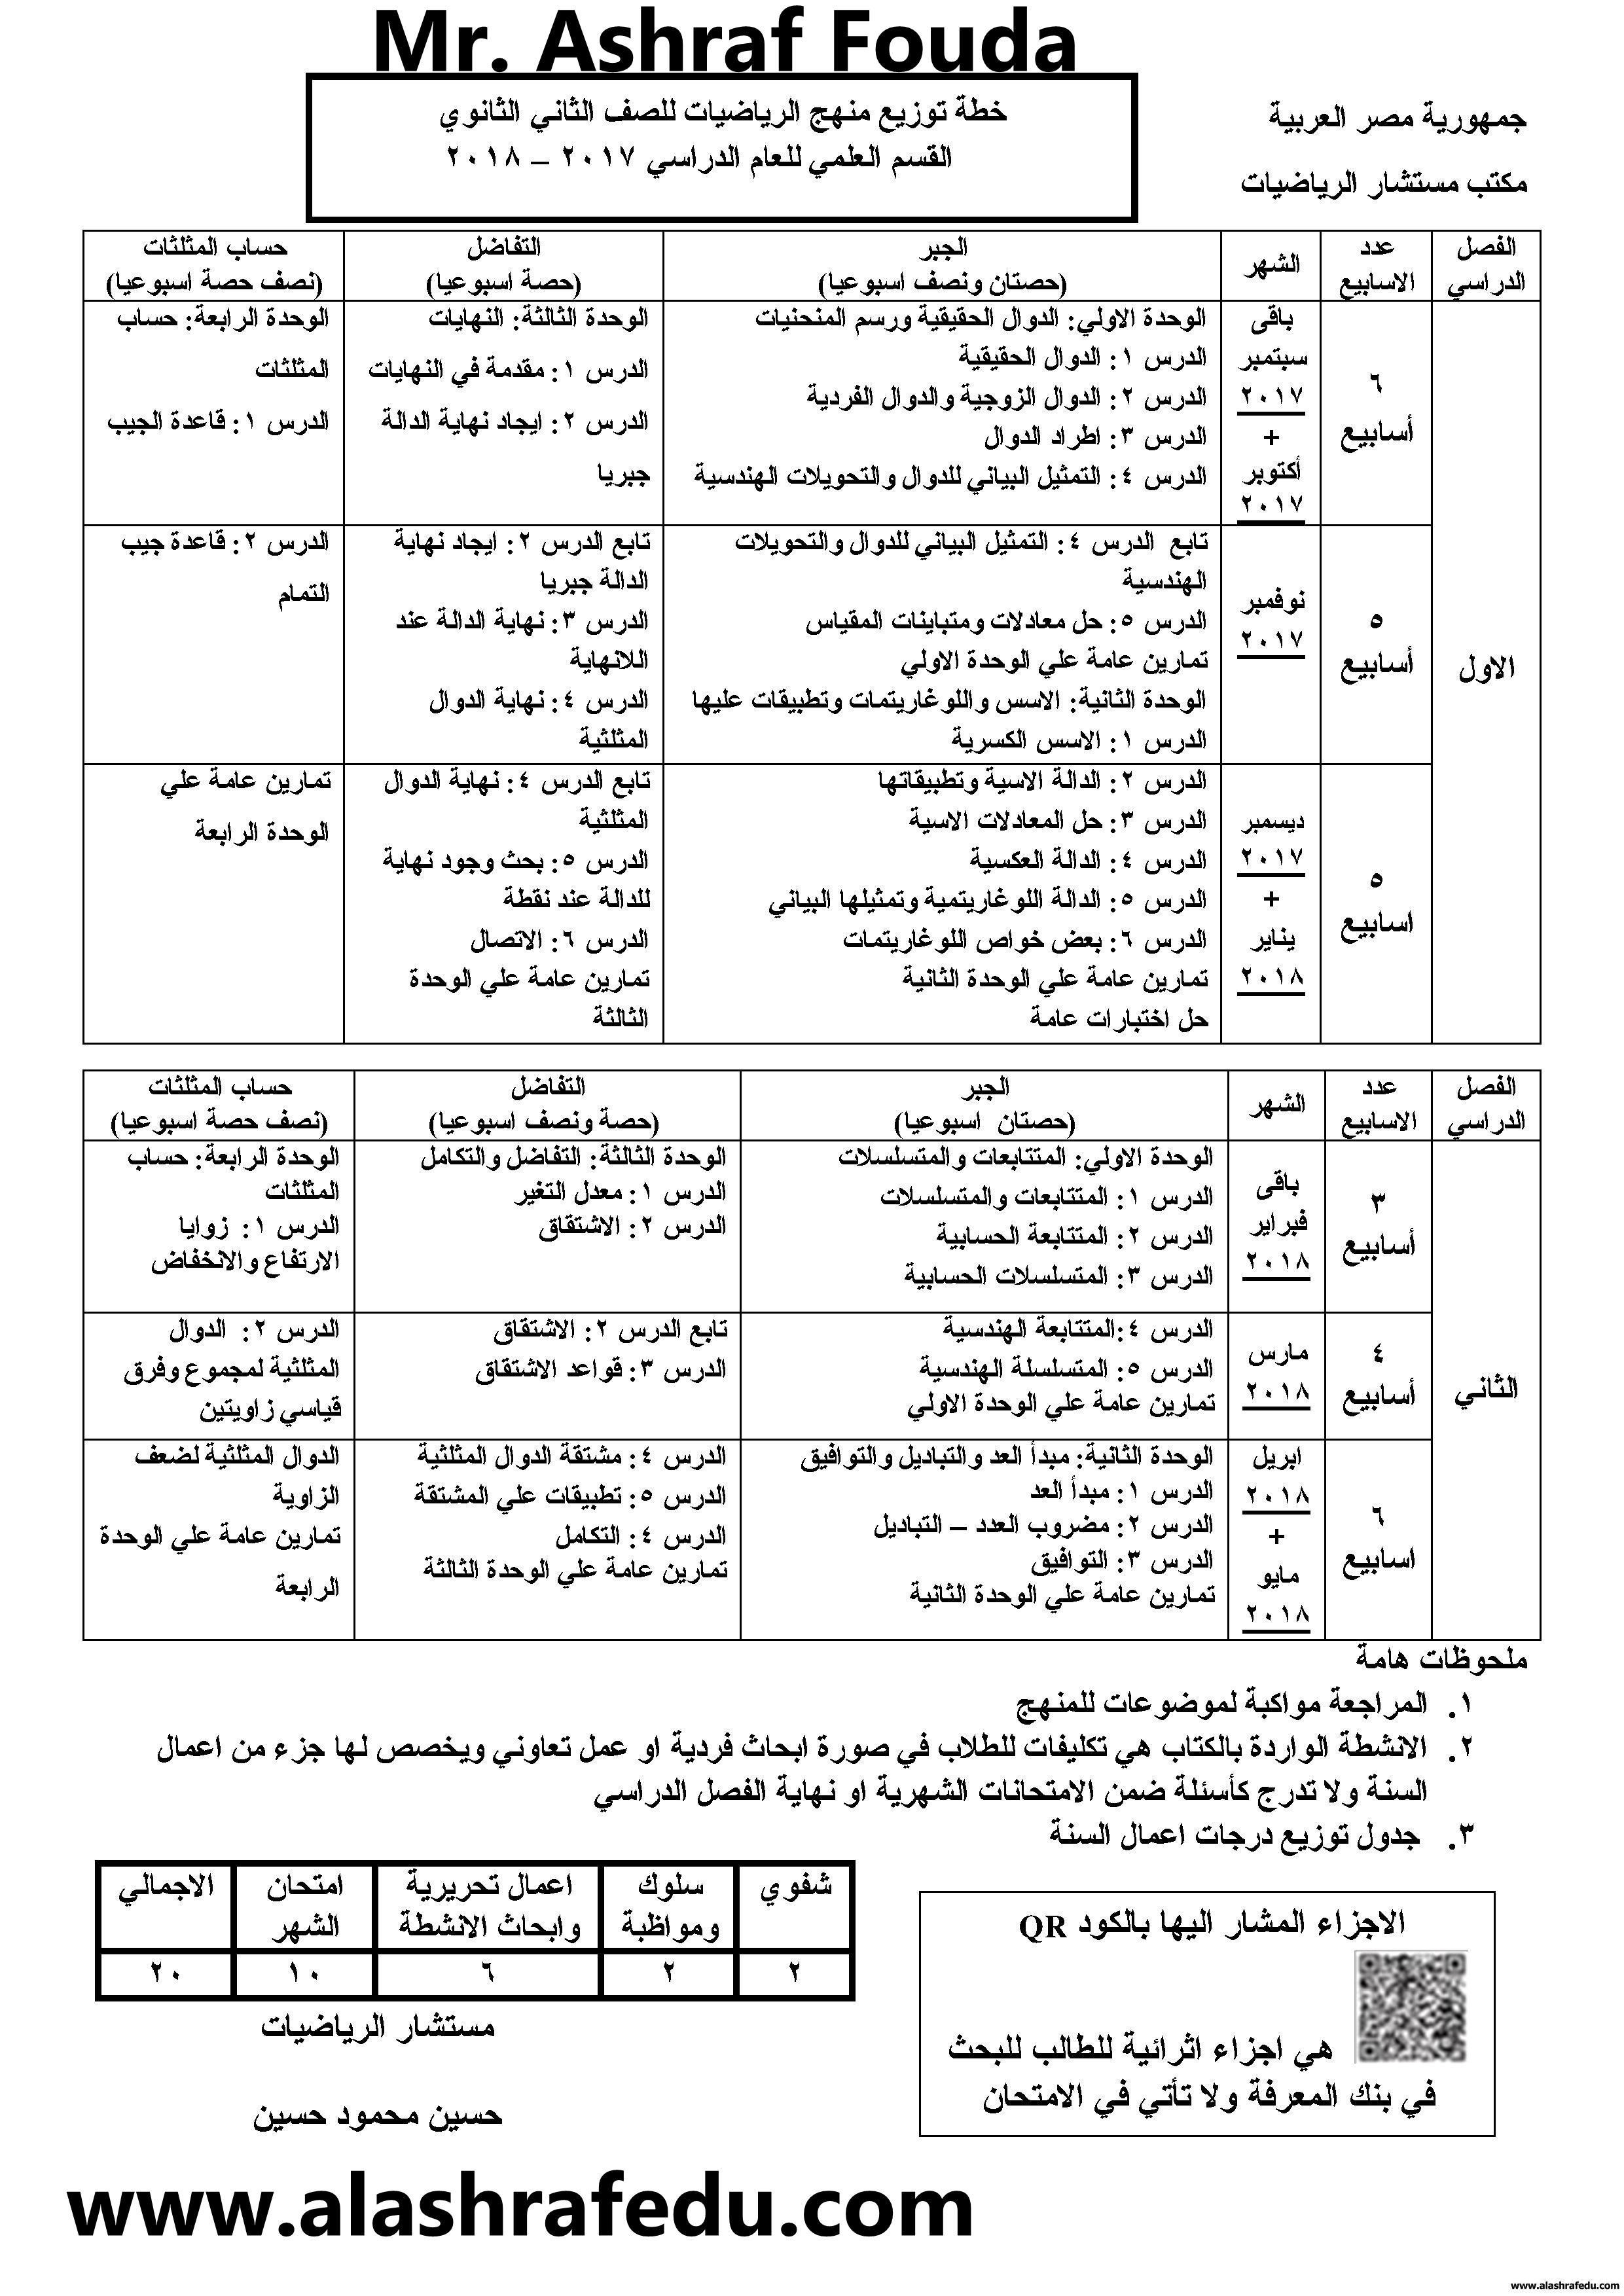 توزيع منهج الرياضيات 2018 الثانى الثانوى الترم www.alashrafedu.com1